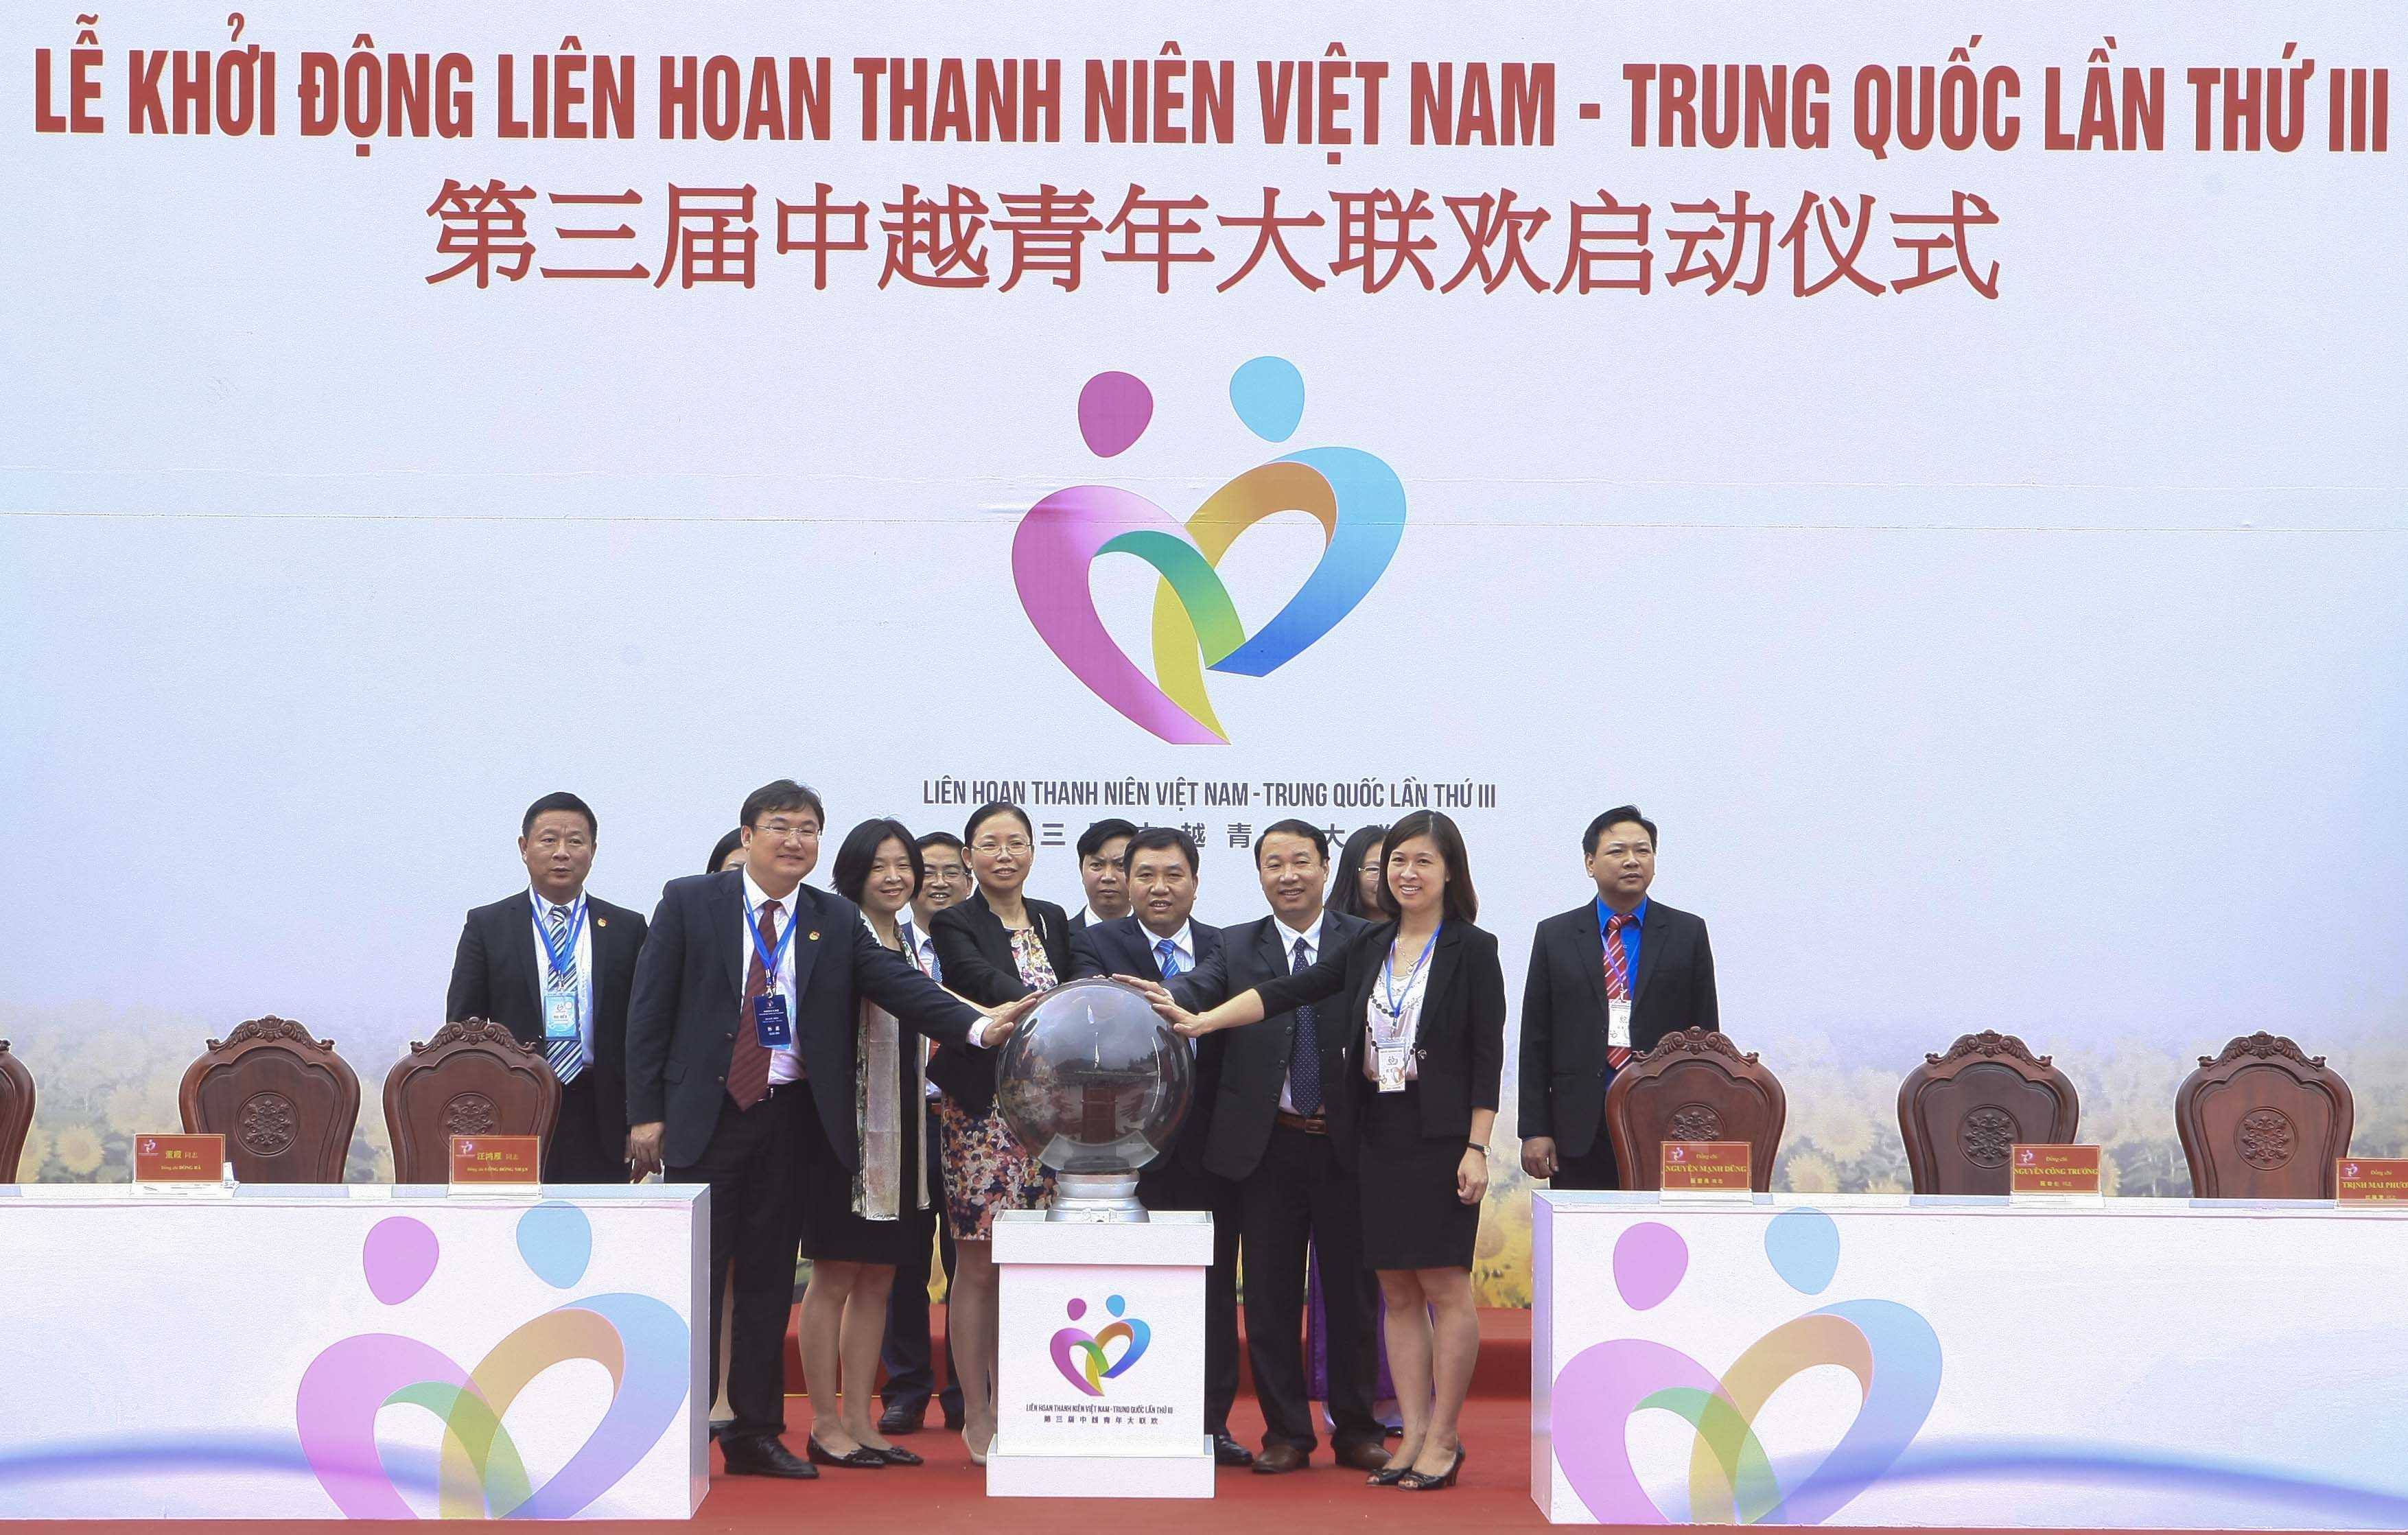 9930 - Khởi động Liên hoan Thanh niên Việt Nam - Trung Quốc lần thứ III